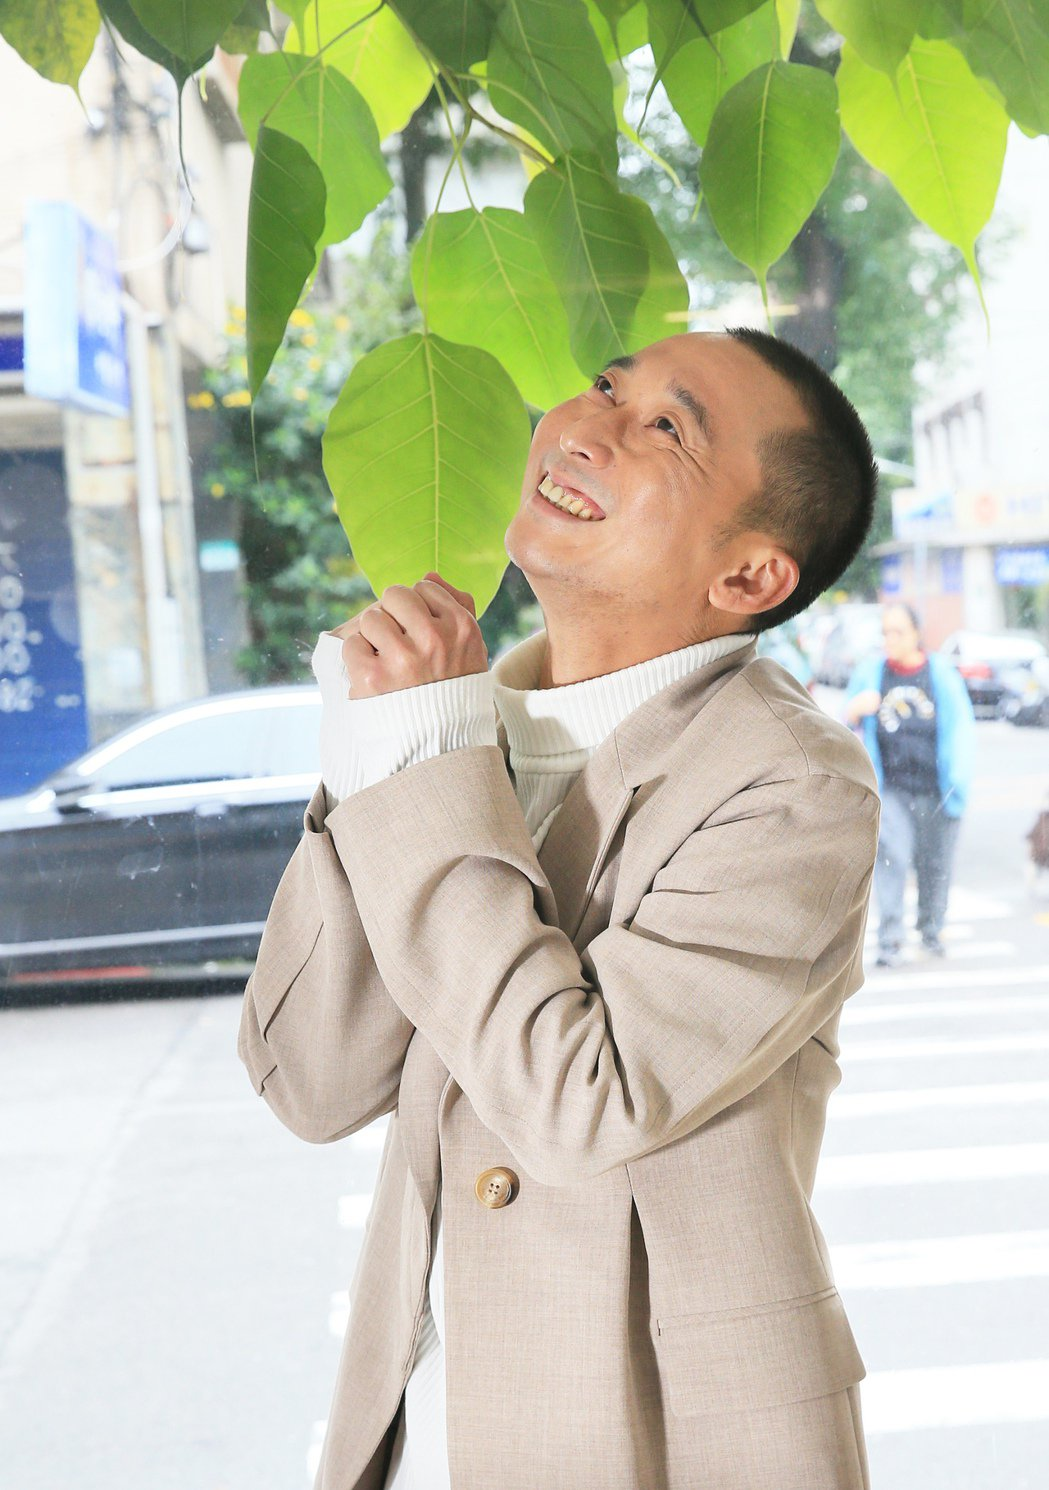 浩子(謝炘昊)插旗歌壇,推出首張創作專輯「共你惜惜」。記者潘俊宏/攝影